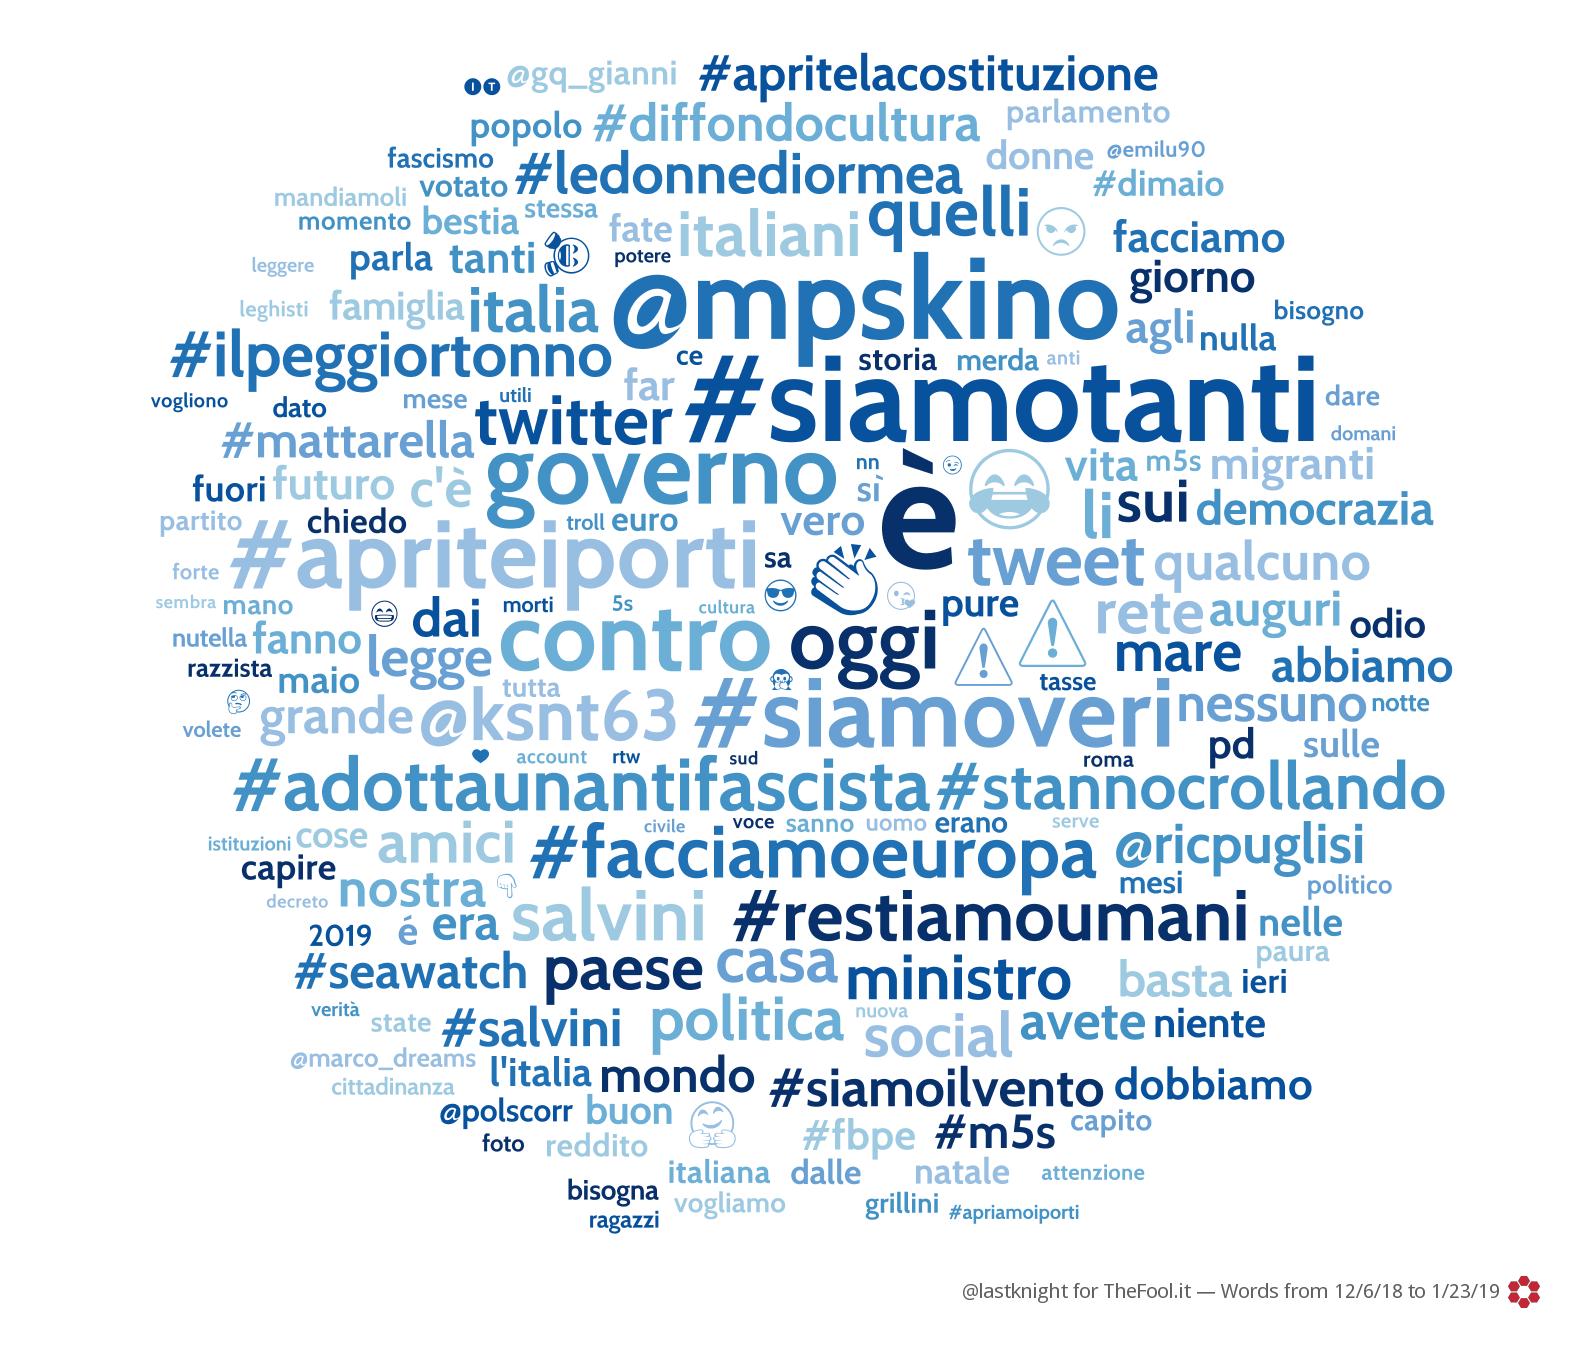 La rete Twitter più grande d'Italia: i dati dell'hashtag #FacciamoRete foto 5